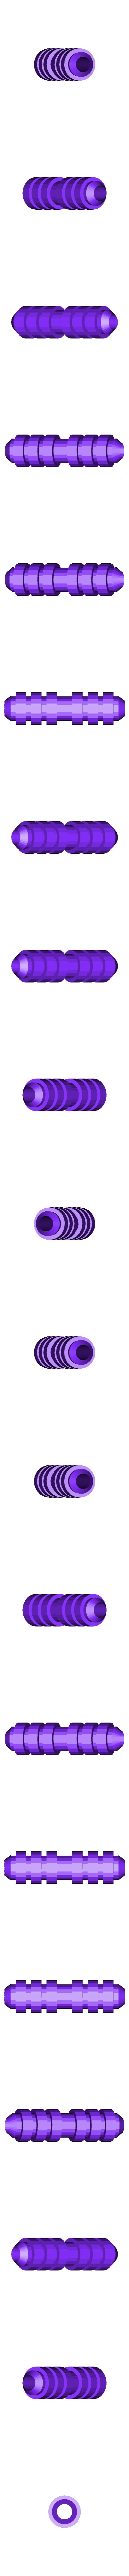 5 inch hose adapter.stl Télécharger fichier STL gratuit Adaptateur de tuyau 1/2 pouce • Plan imprimable en 3D, bmoorefree